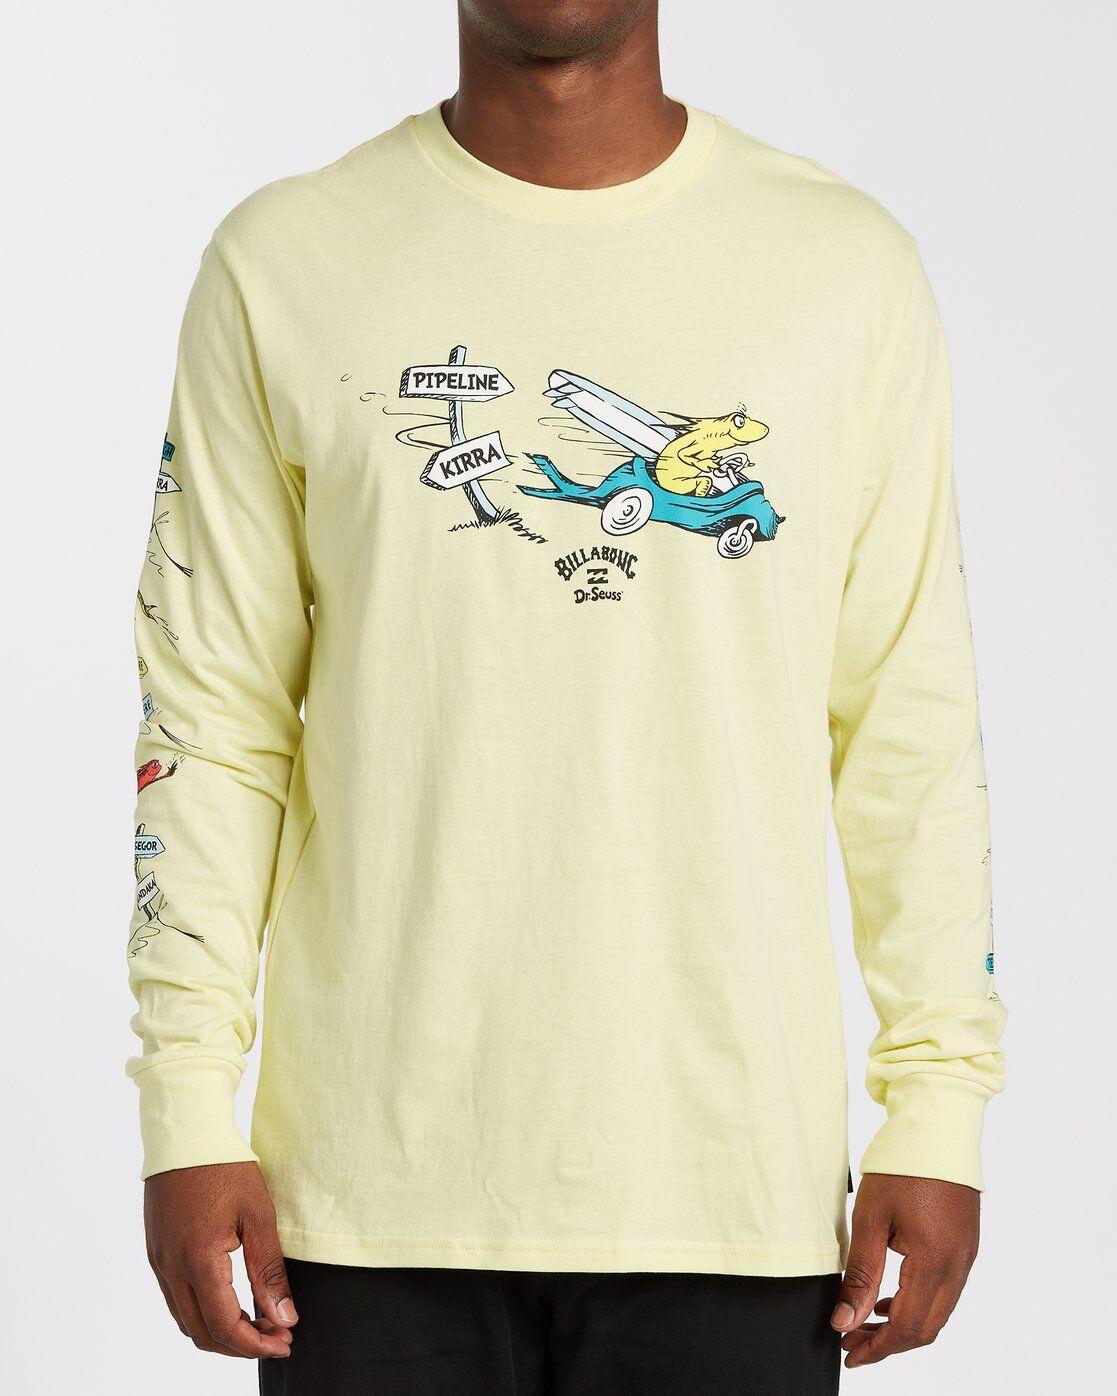 Billabong Little Car Long Sleeve T-Shirt  - Yellow - Size: Small